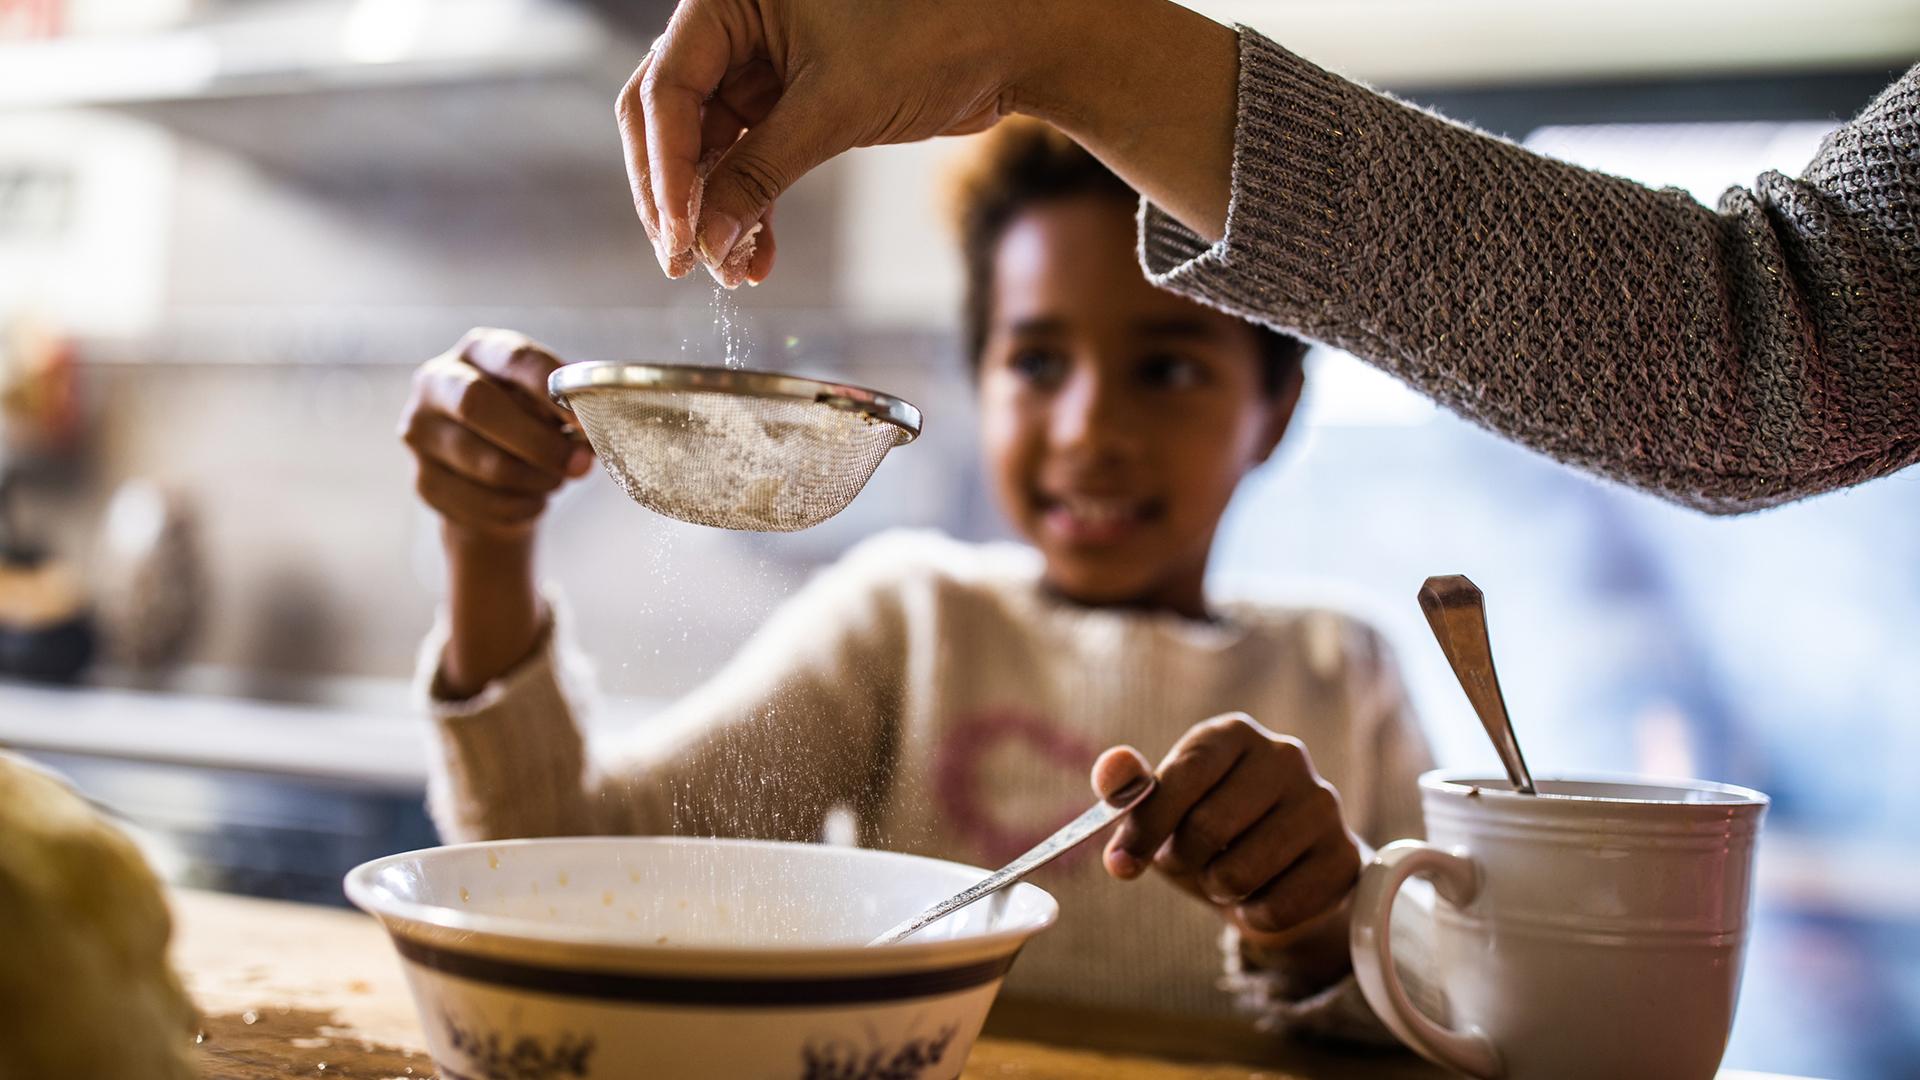 baking-together